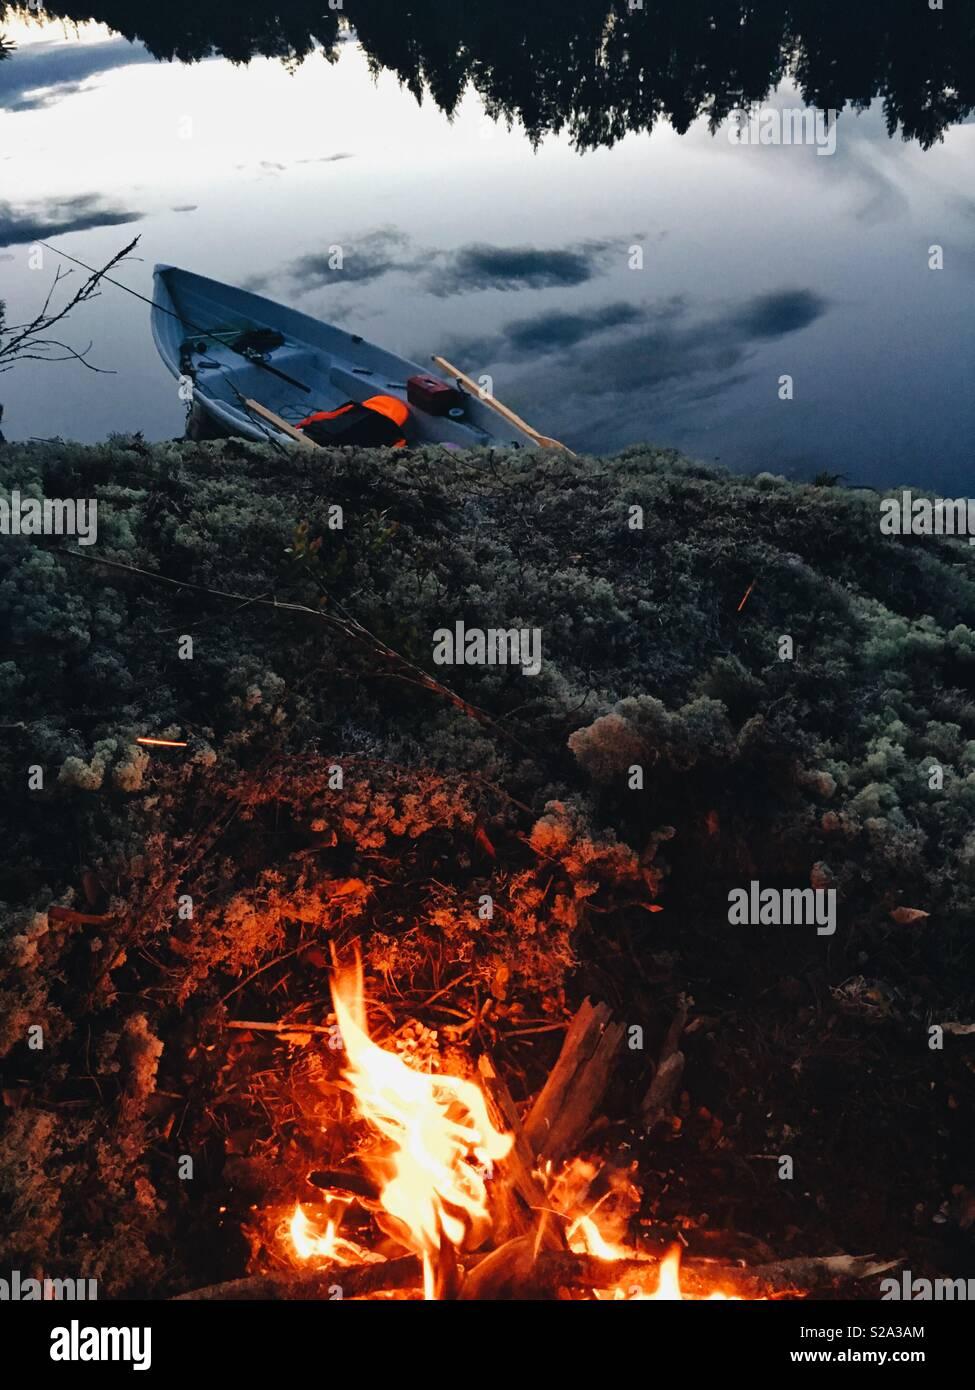 Lagerfeuer durch die Nordischen See Stockbild